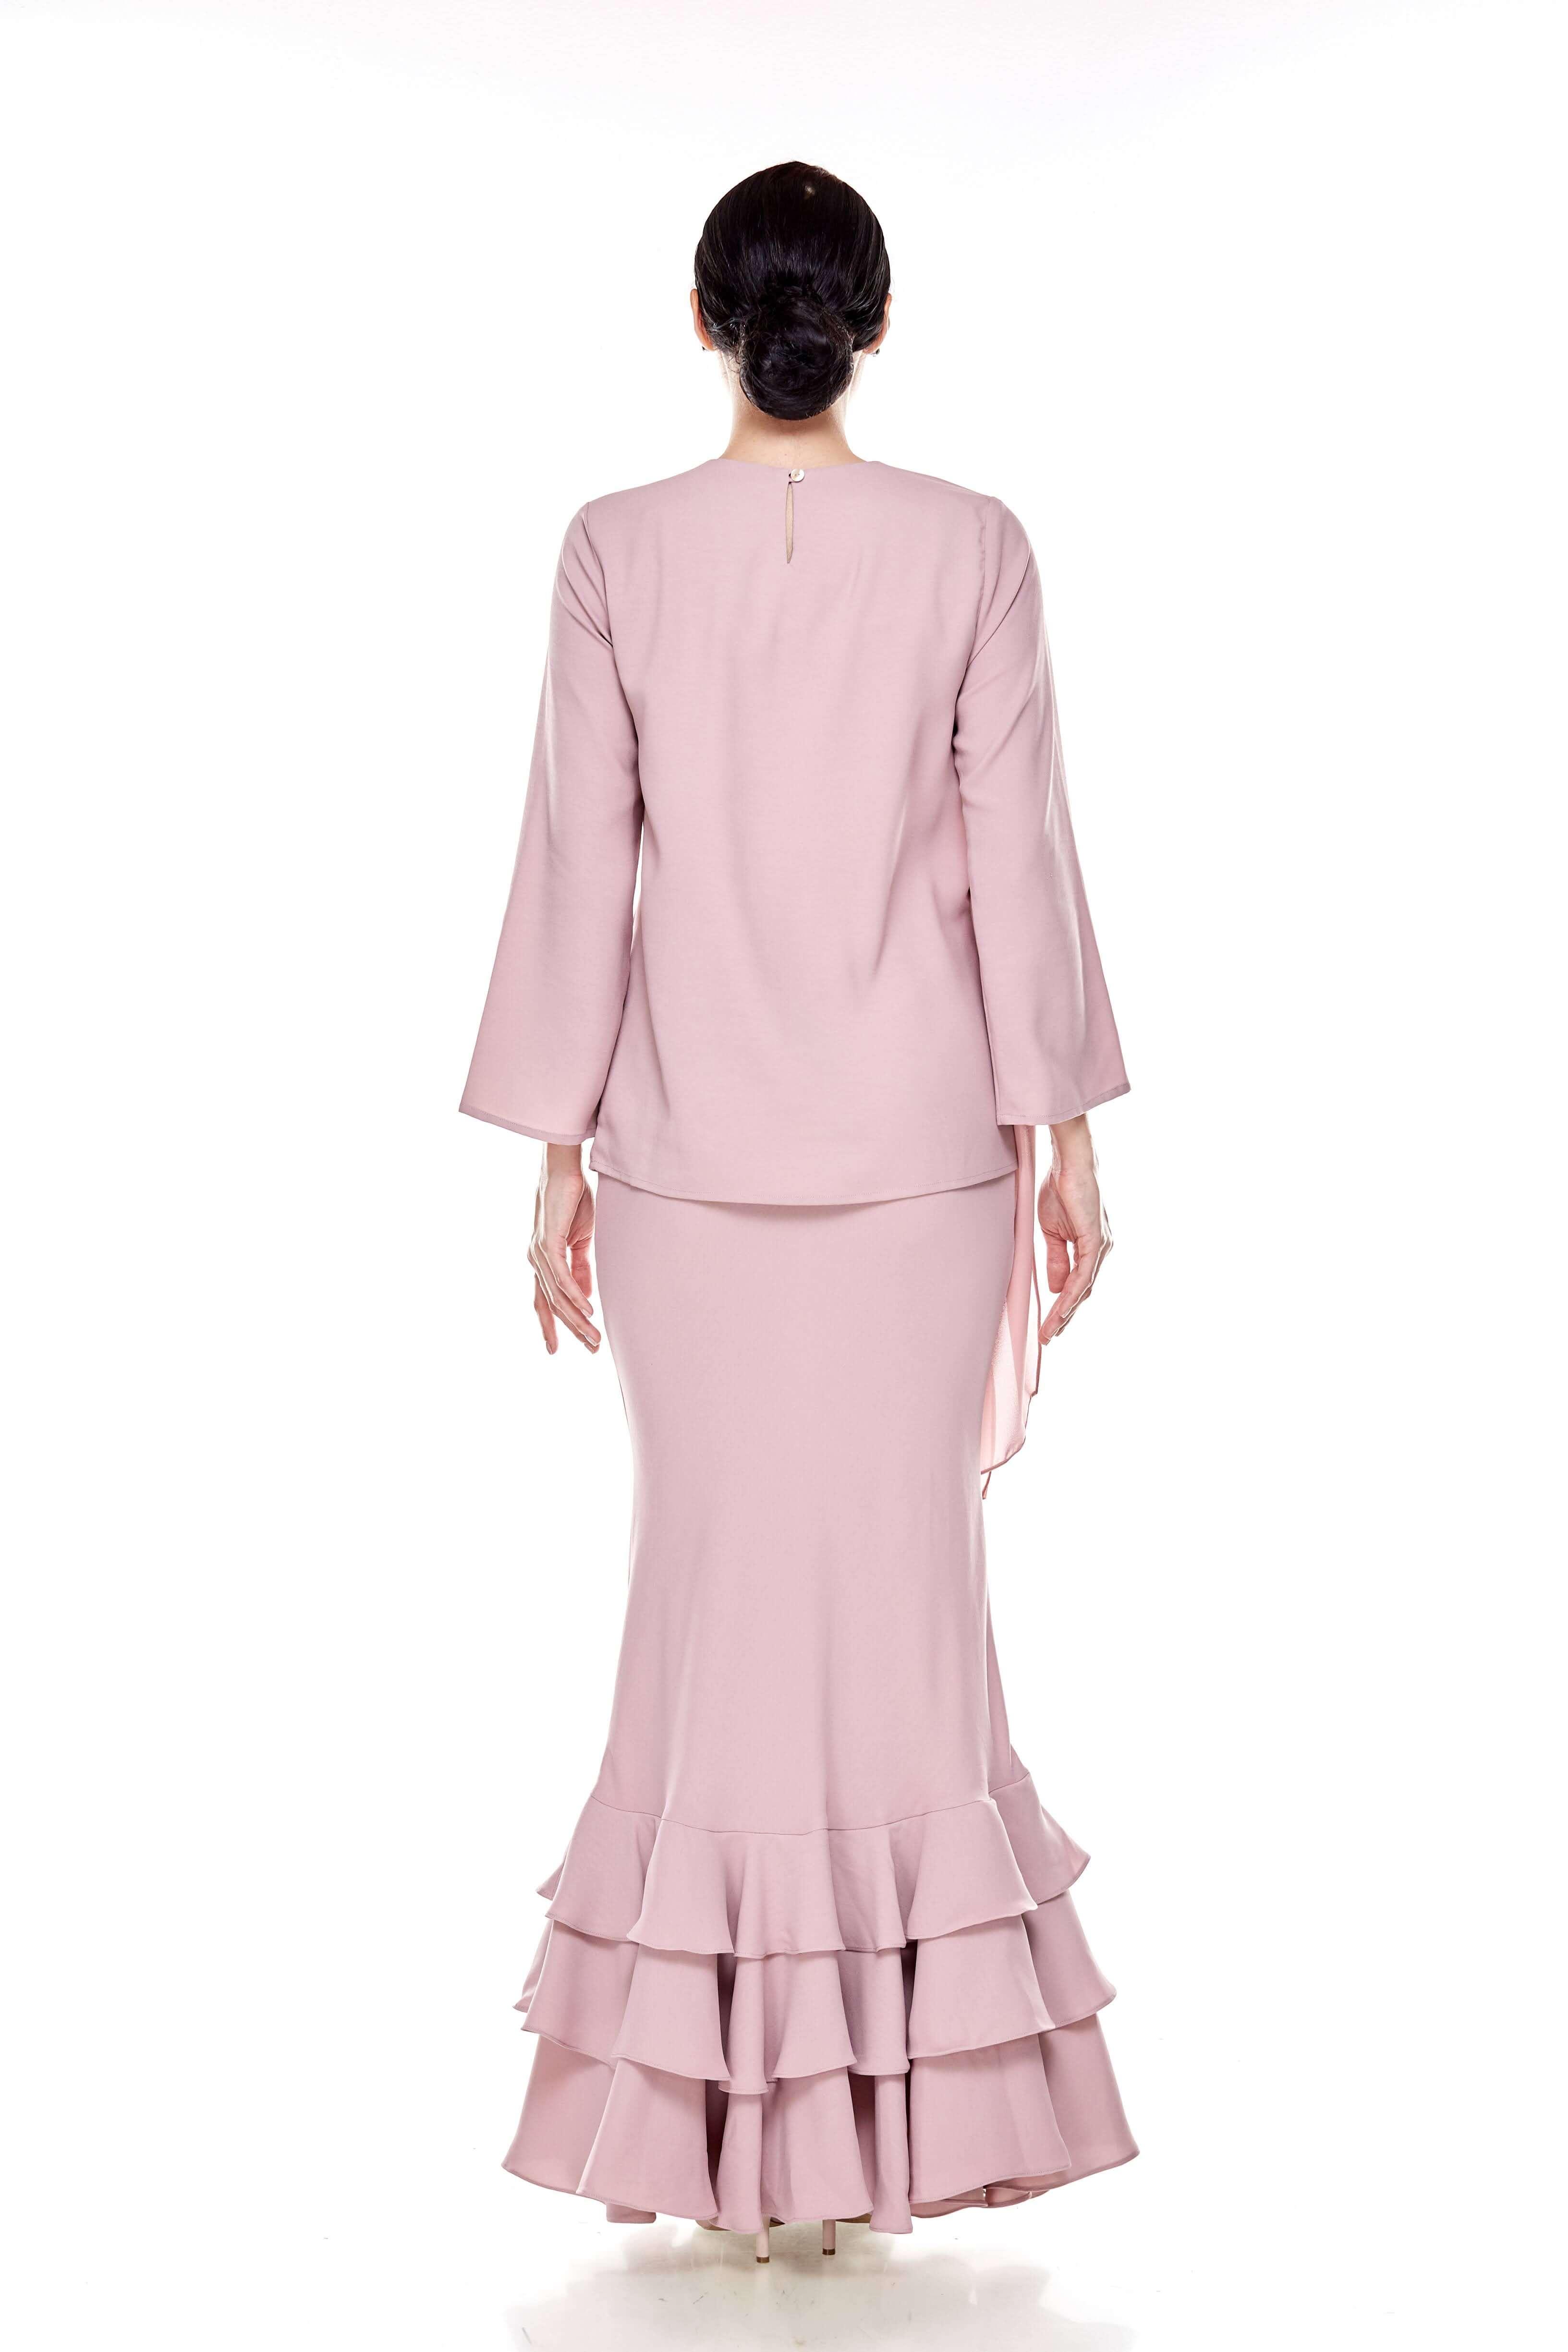 Rose Dawn Pink Sash Blouse (6)